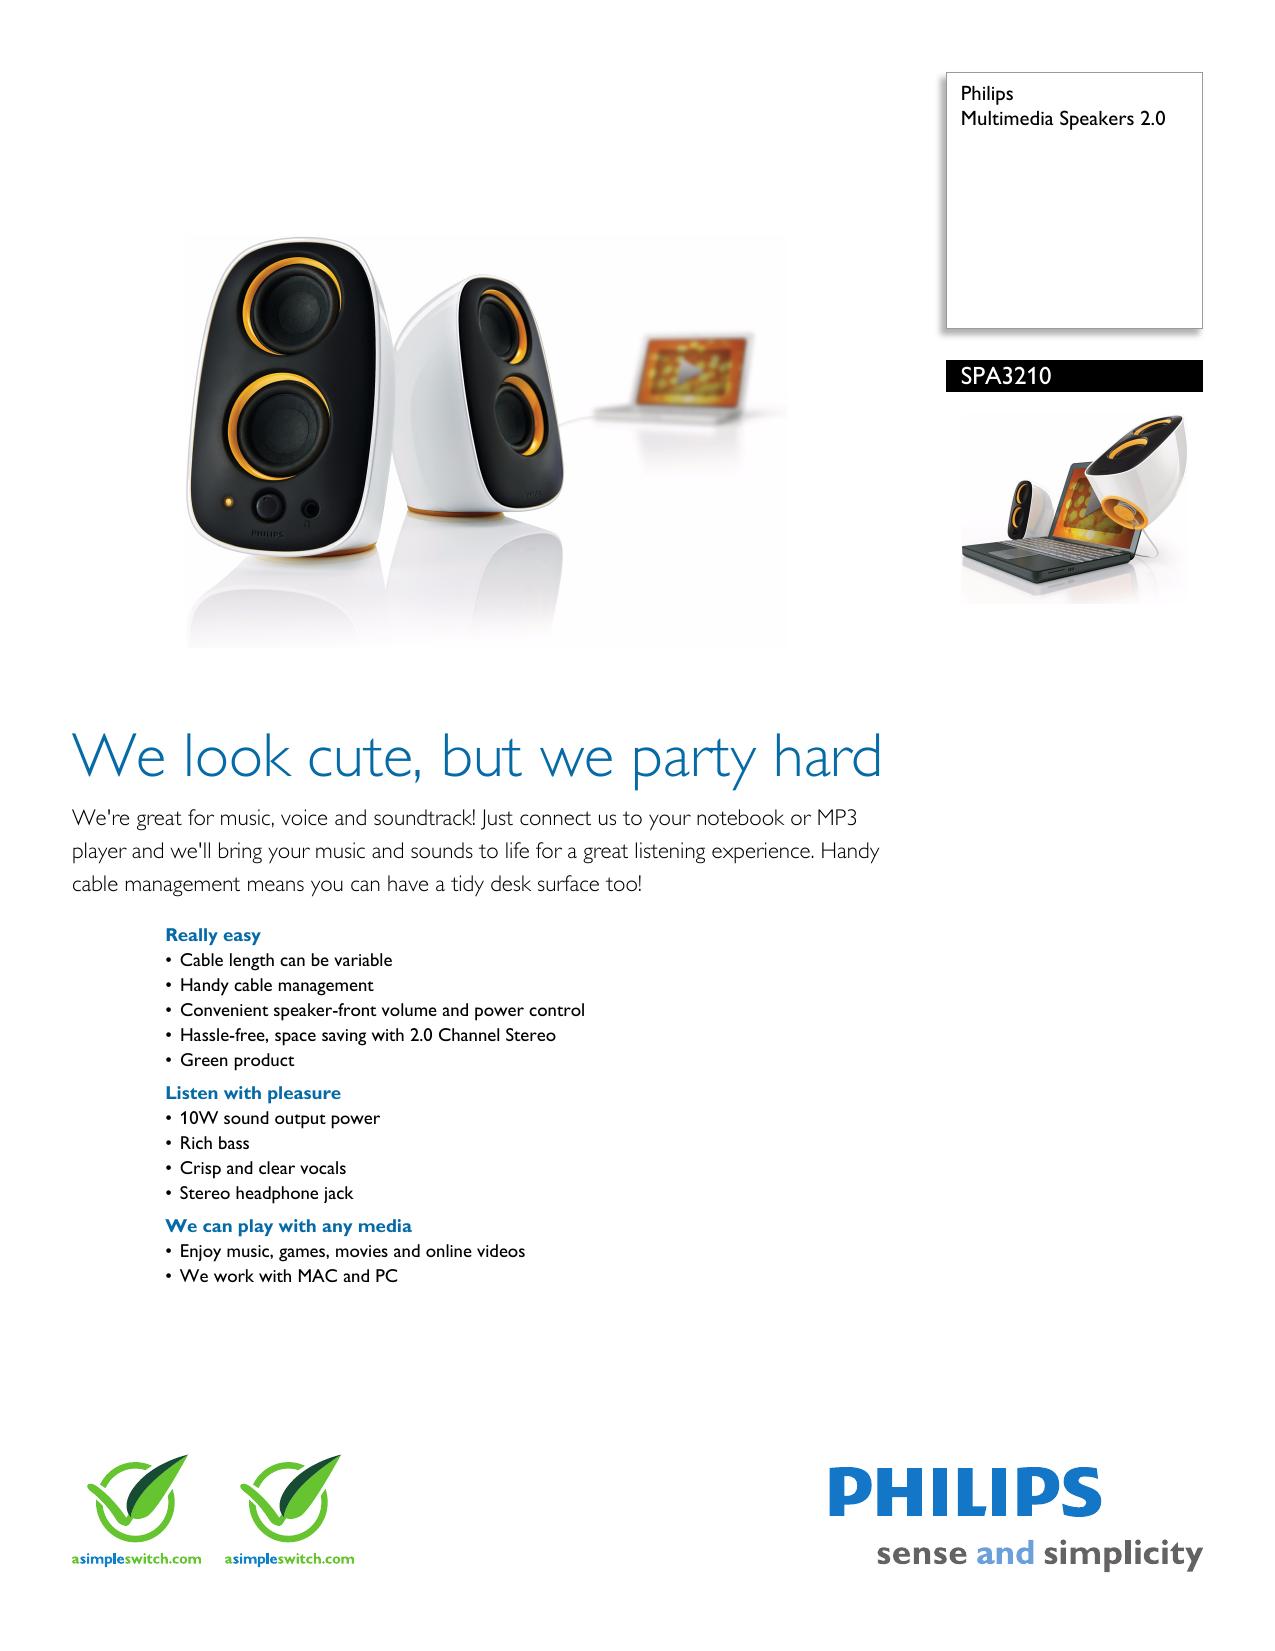 SPA3210/27 Philips Multimedia Speakers 2 0   manualzz com